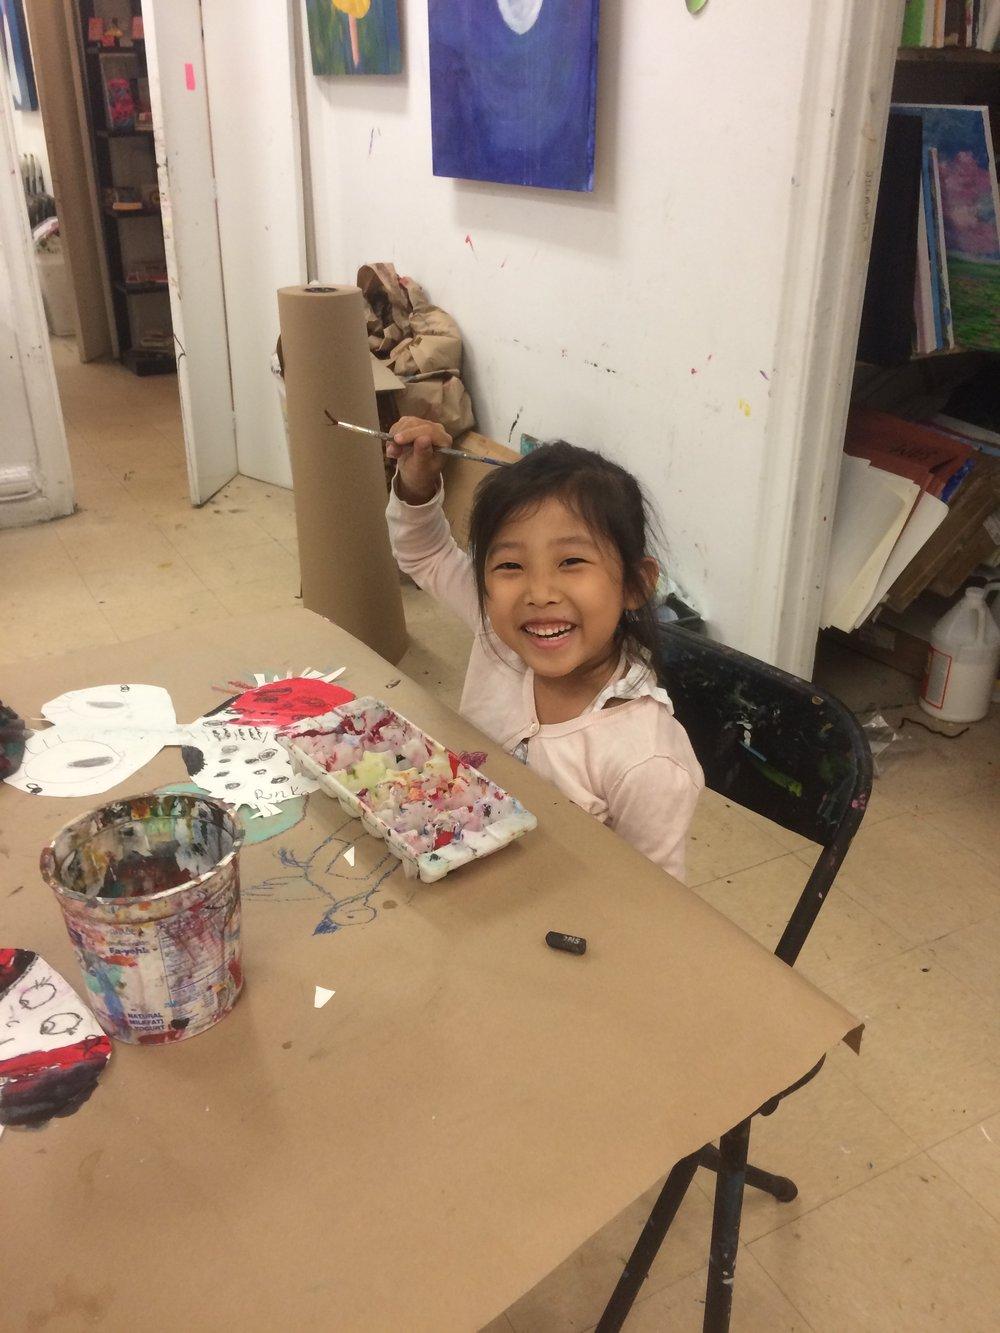 Smiling girl making art